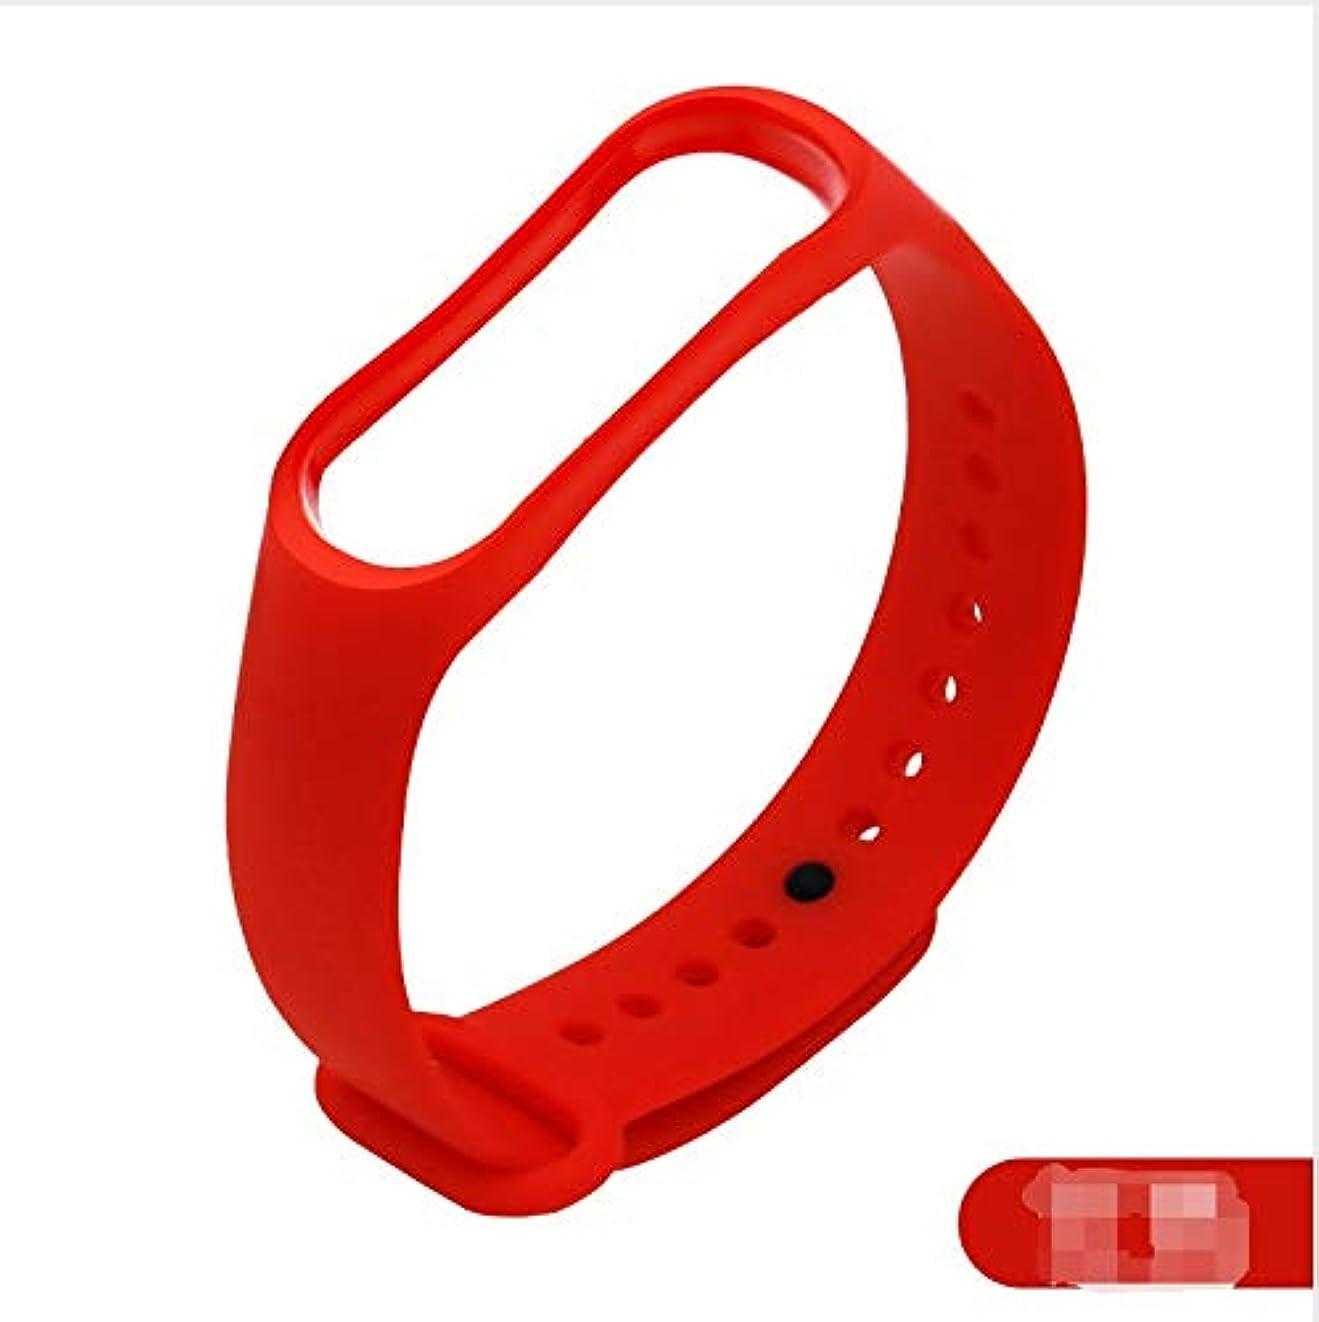 家事をする岸お金ゴムWATCH BAND SFFGF Mi Band 3 / Mi band 4に対応するSport WatchBand、Simple Red Replacement Bandフィットネススポーツアクティビティブレスレットリストバンド/Mi Band 4ストラップ付きWatchBandアクセサリー